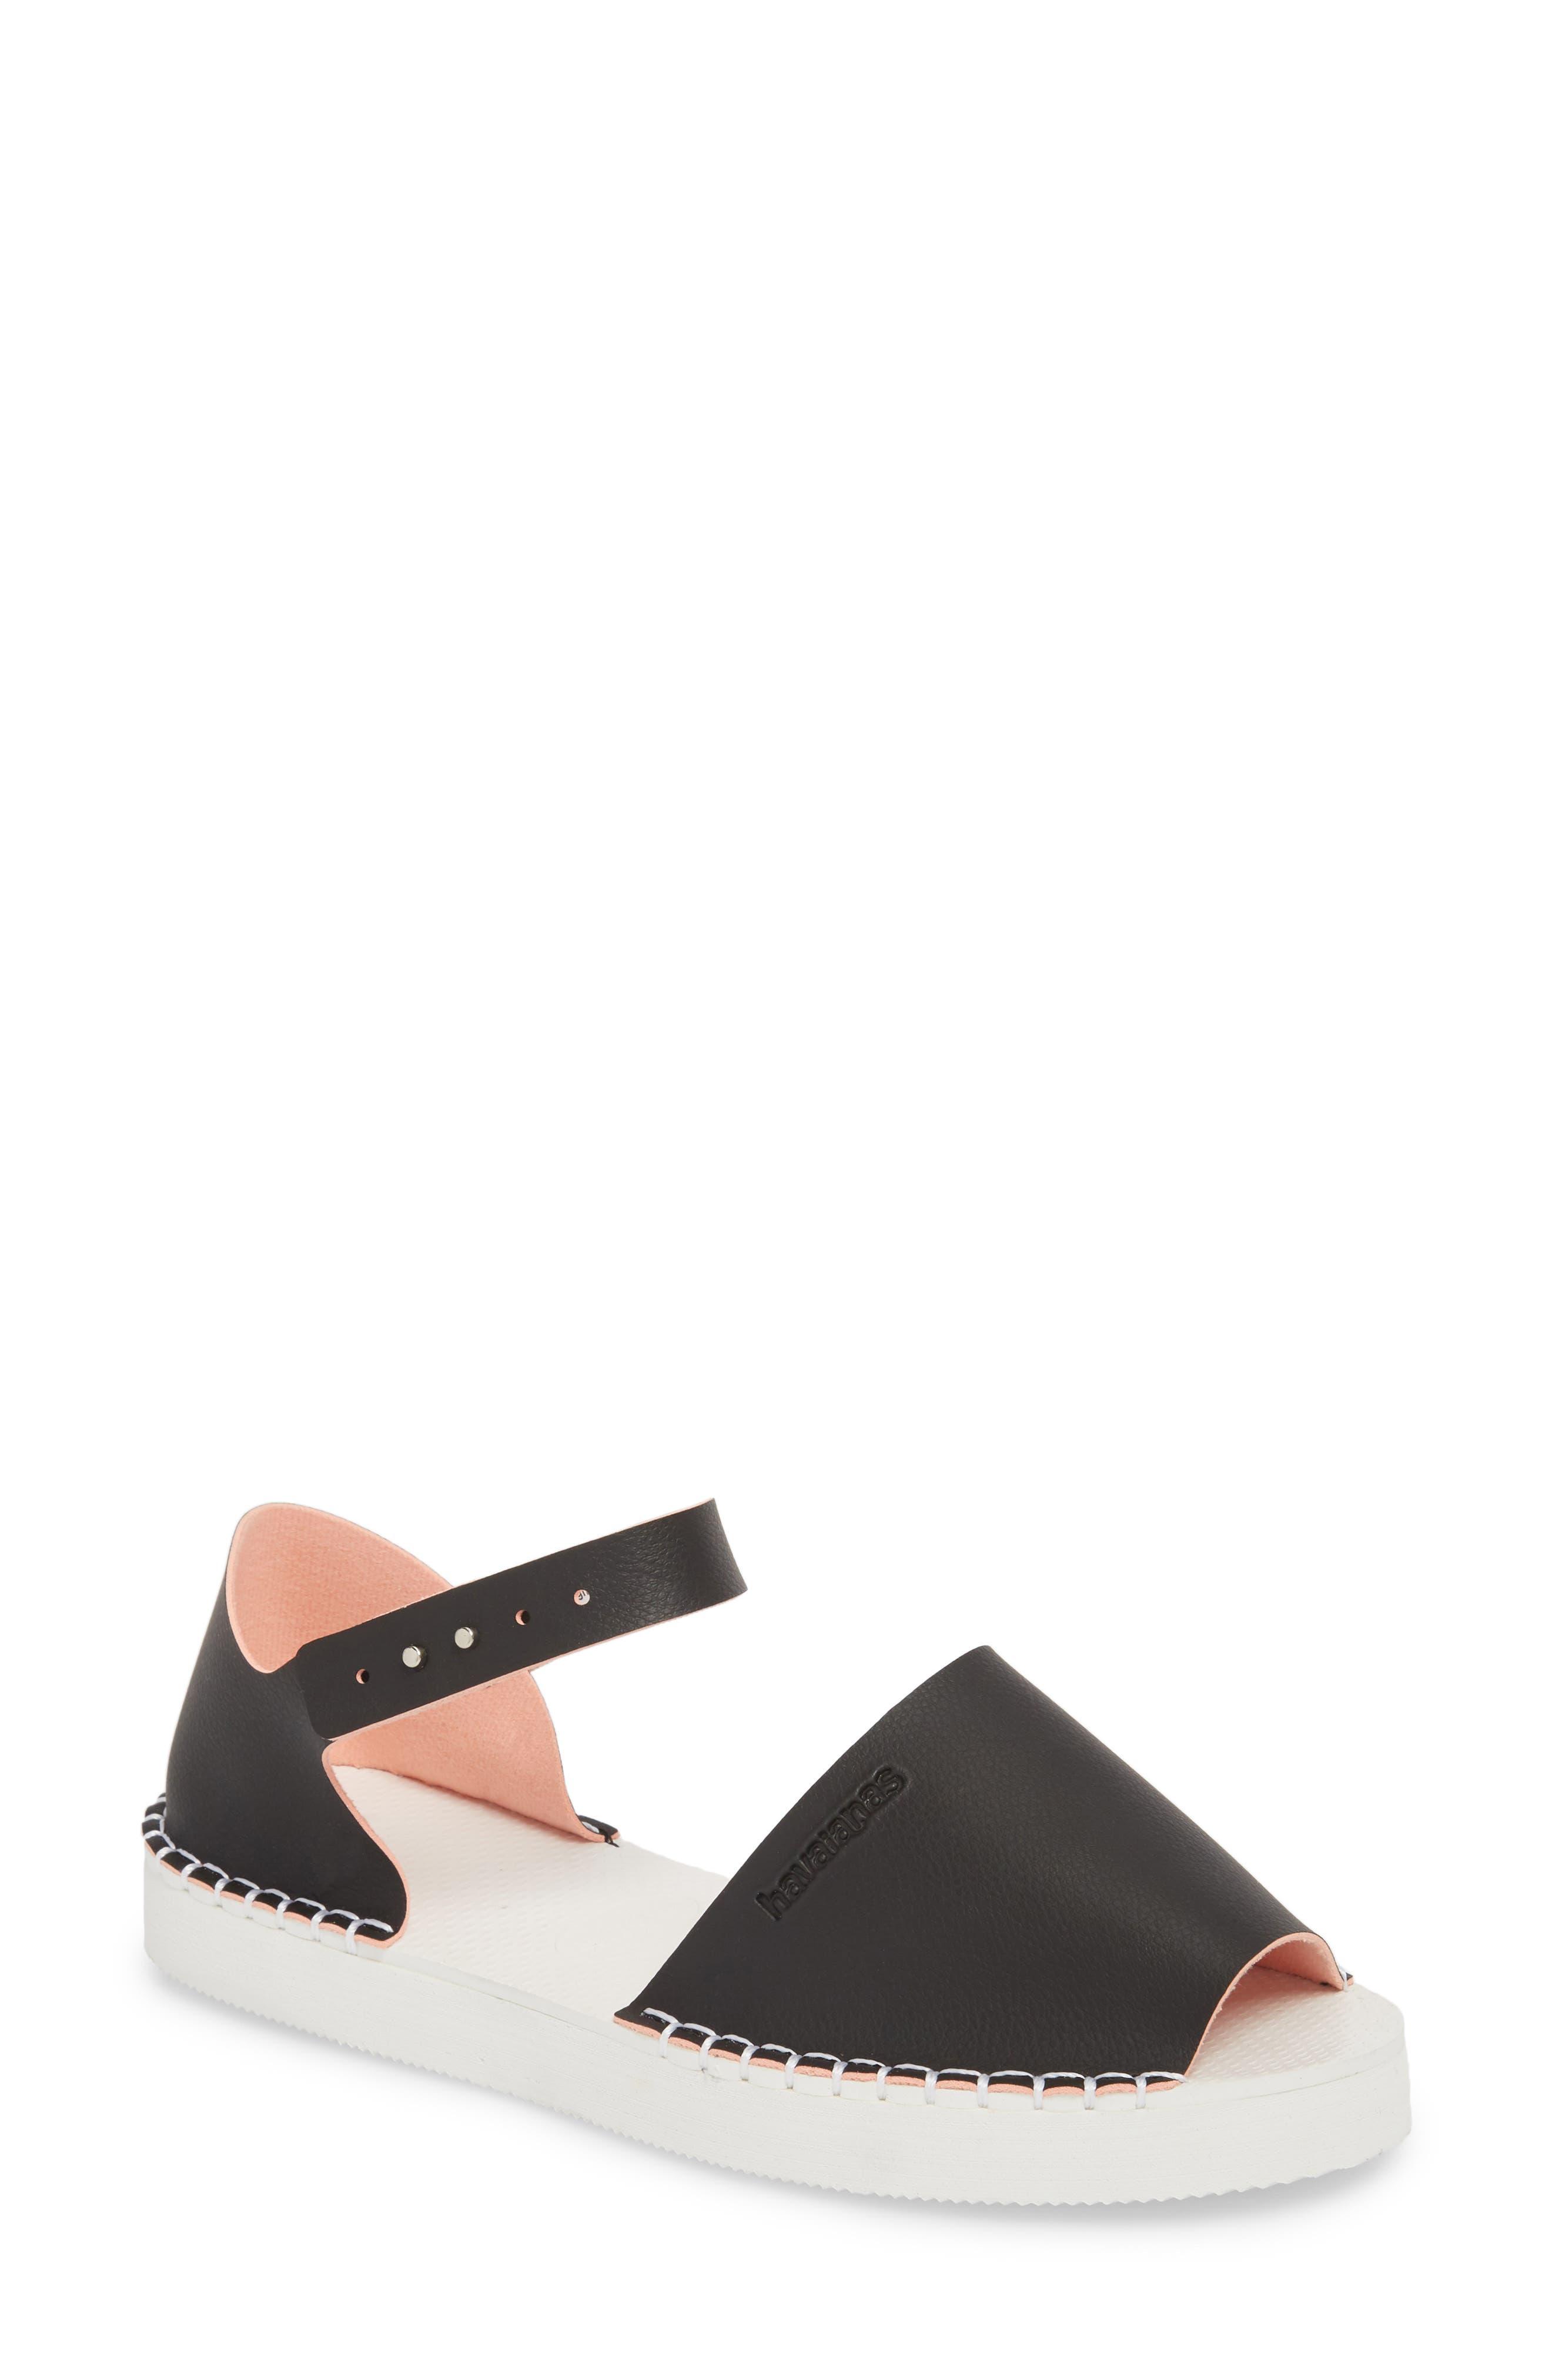 Flatform Fashion Sandal,                         Main,                         color, BLACK/ PINK